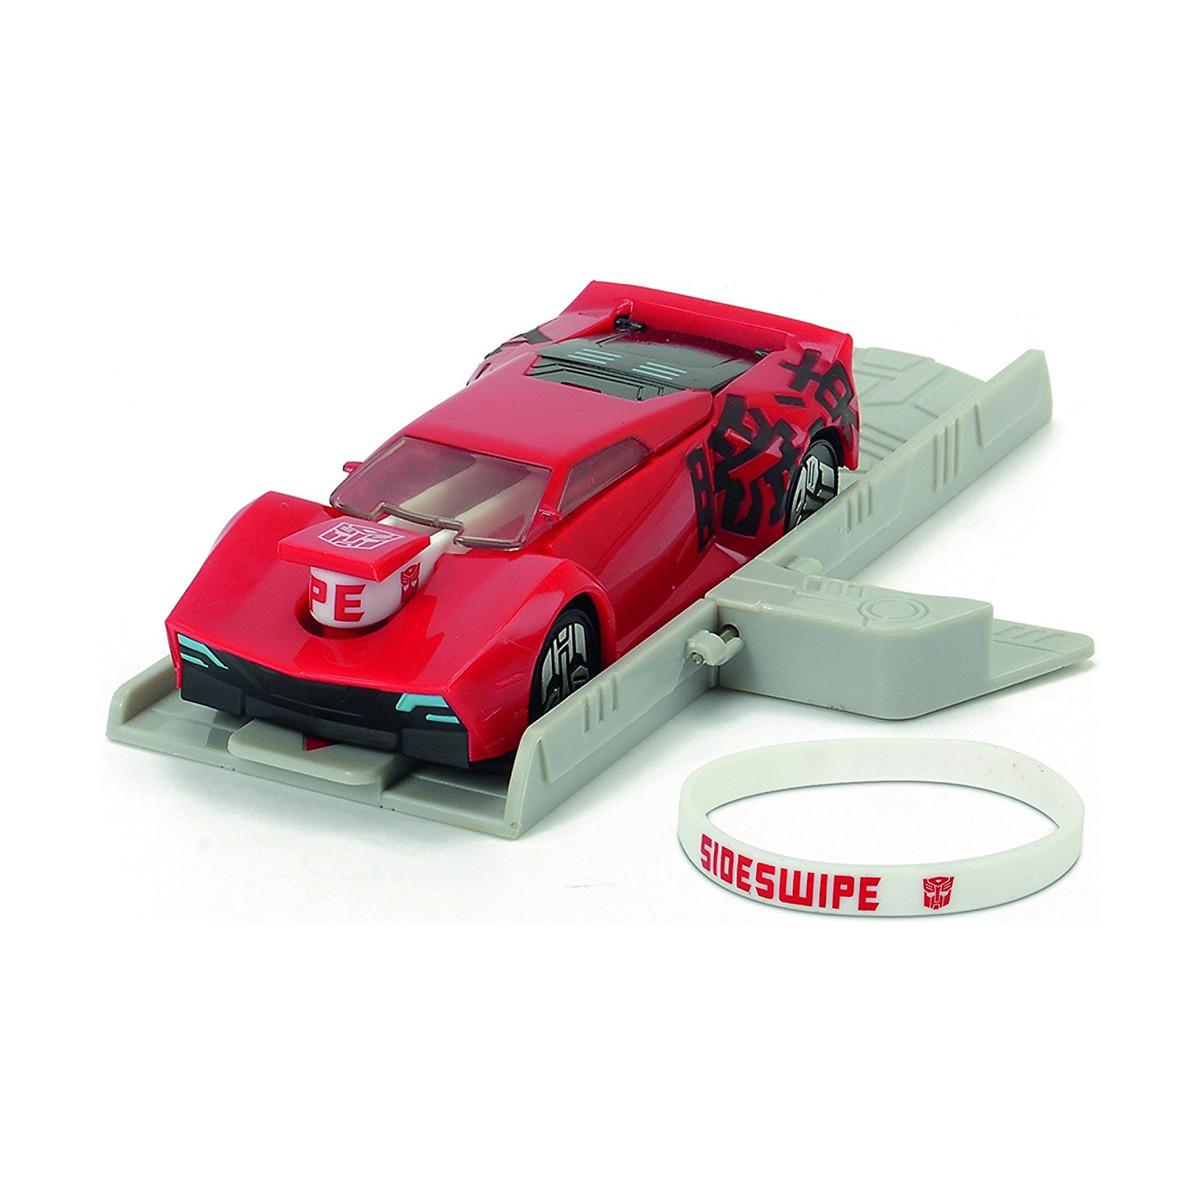 Автомобиль Трансформер. Миссия Сайдсвайп с пусковой платформой, 11 см «Dickie Toys» (3112002)